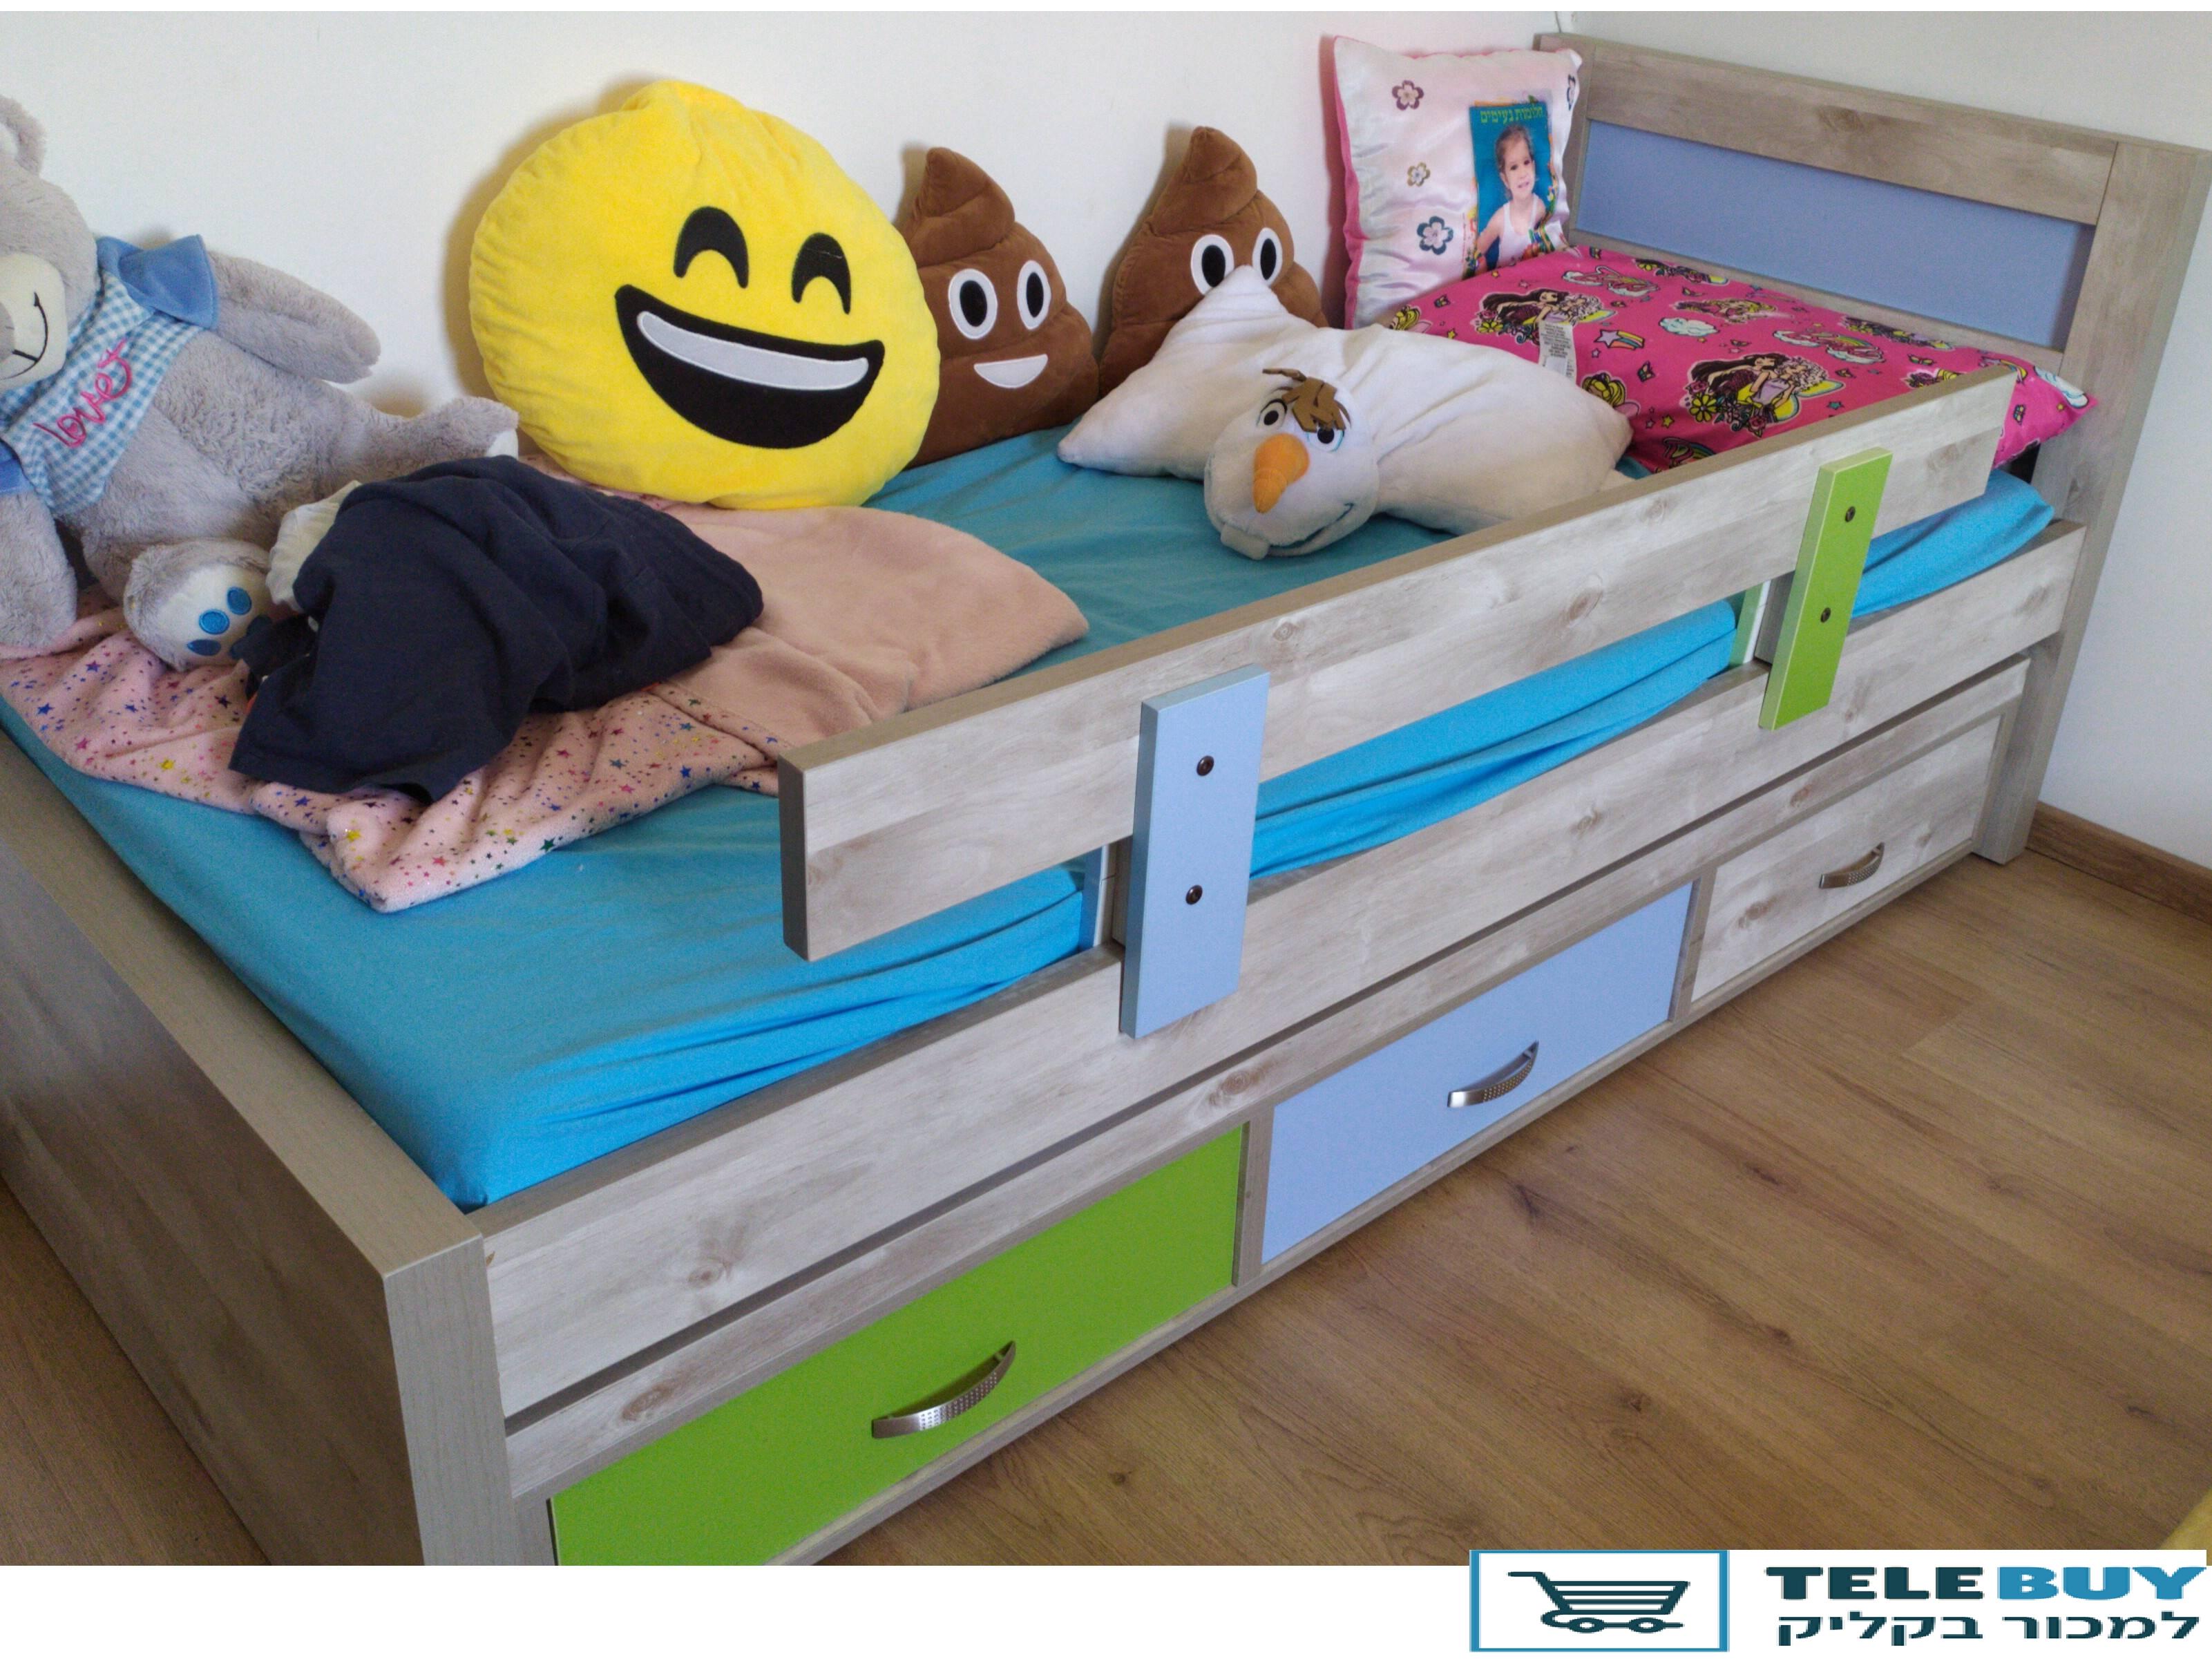 ריהוט מיטות   בבאר-שבע והסביבה